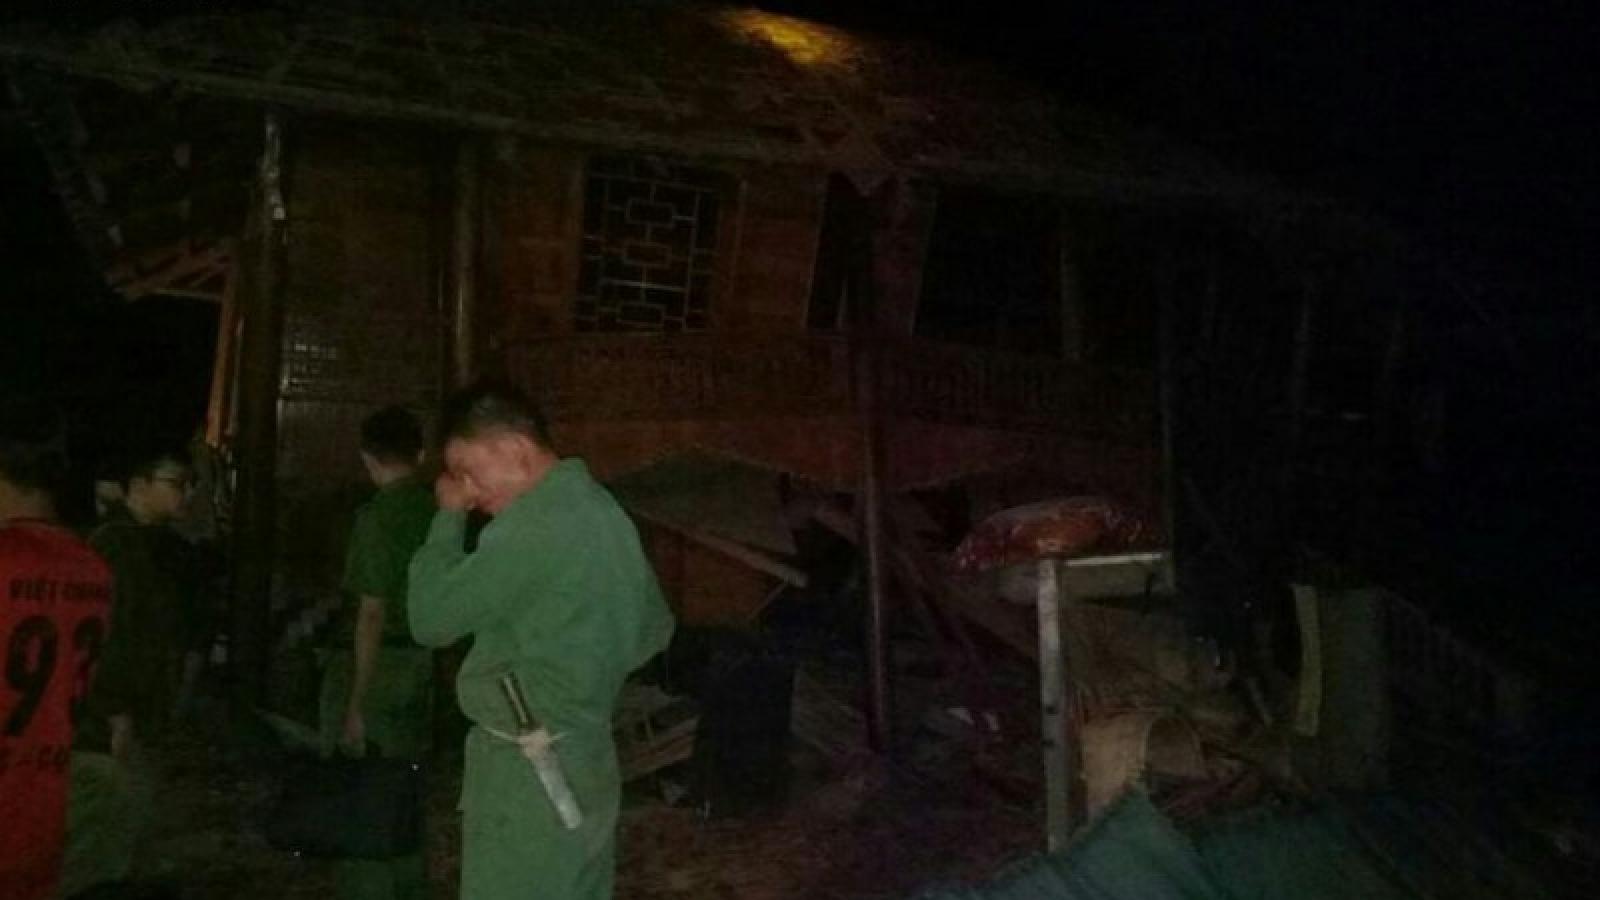 Lở đá ở thành phố Sơn La làm 1 người chết, 1 người bị thương